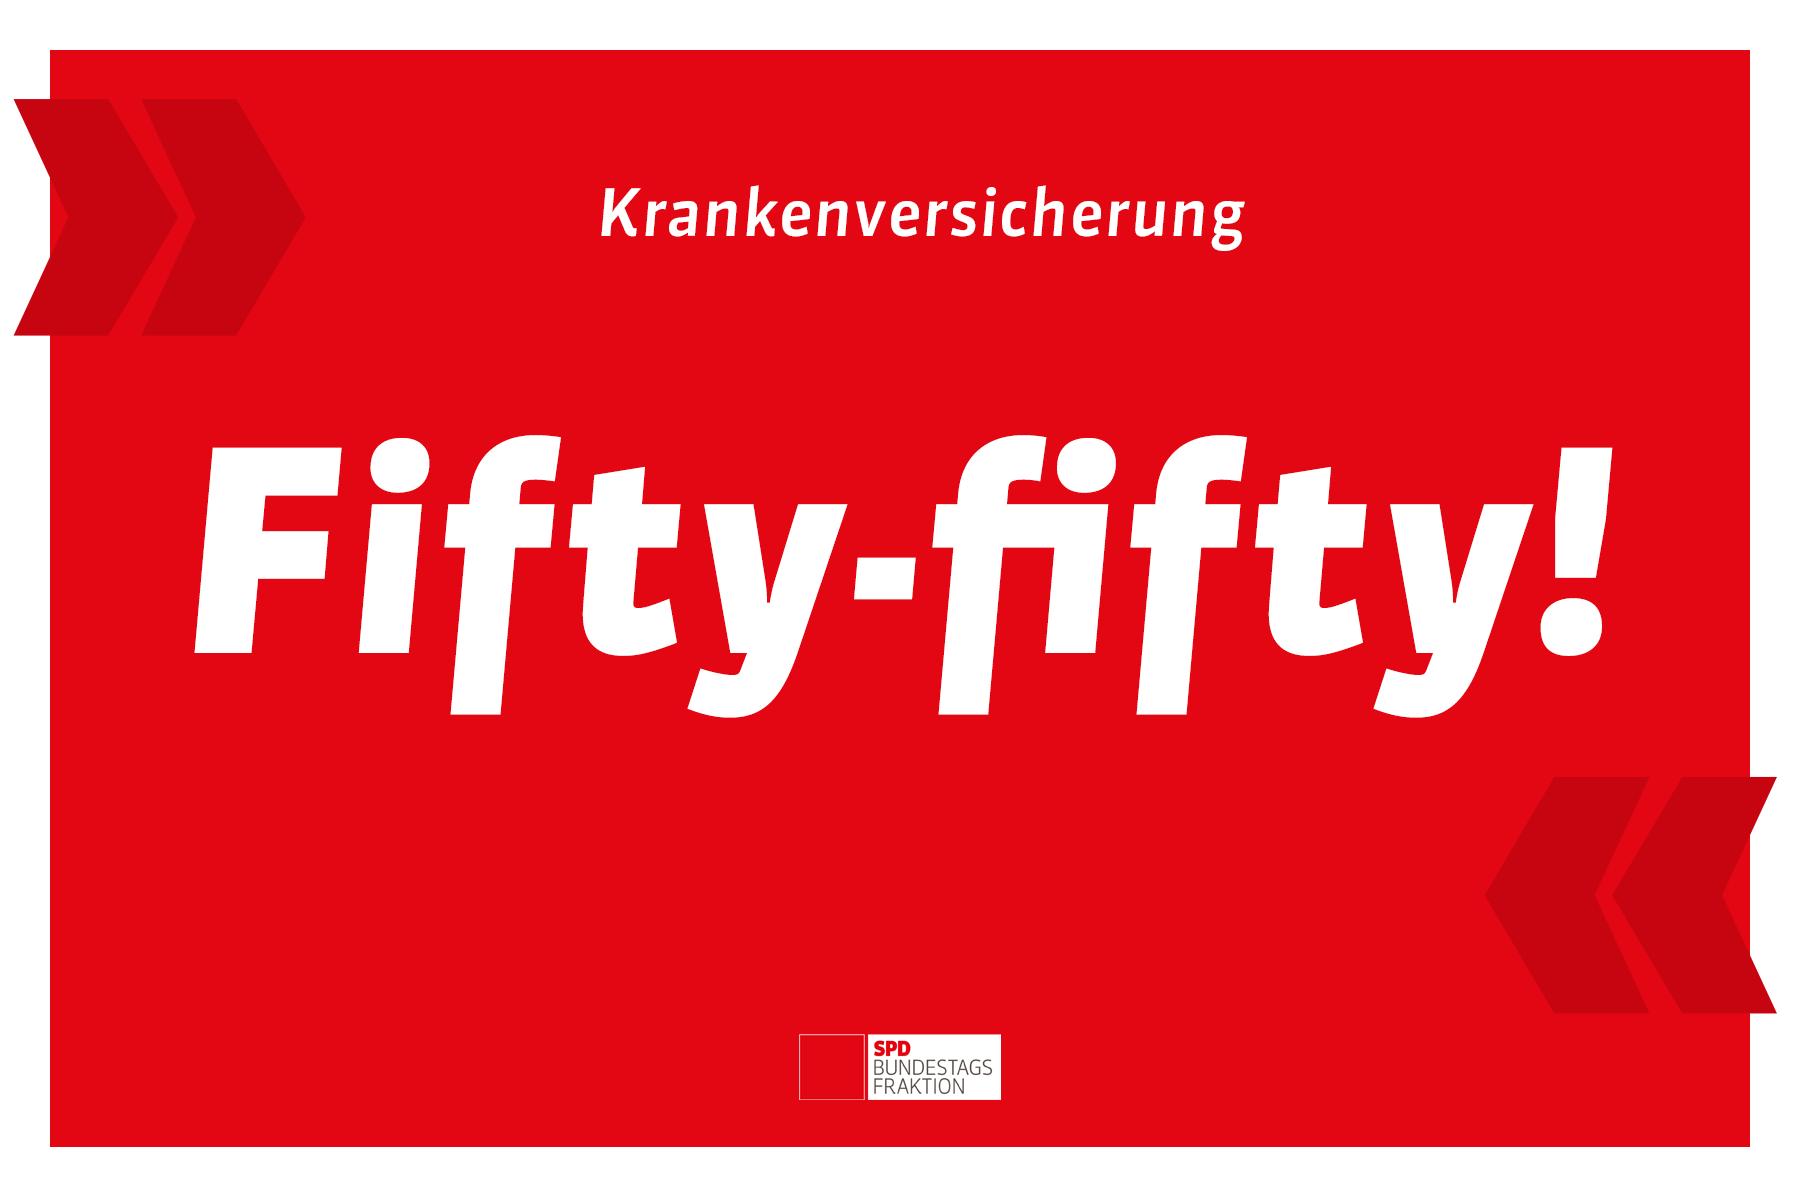 Die Entlastung der Versicherten wurde heute im Bundestag beschlossen